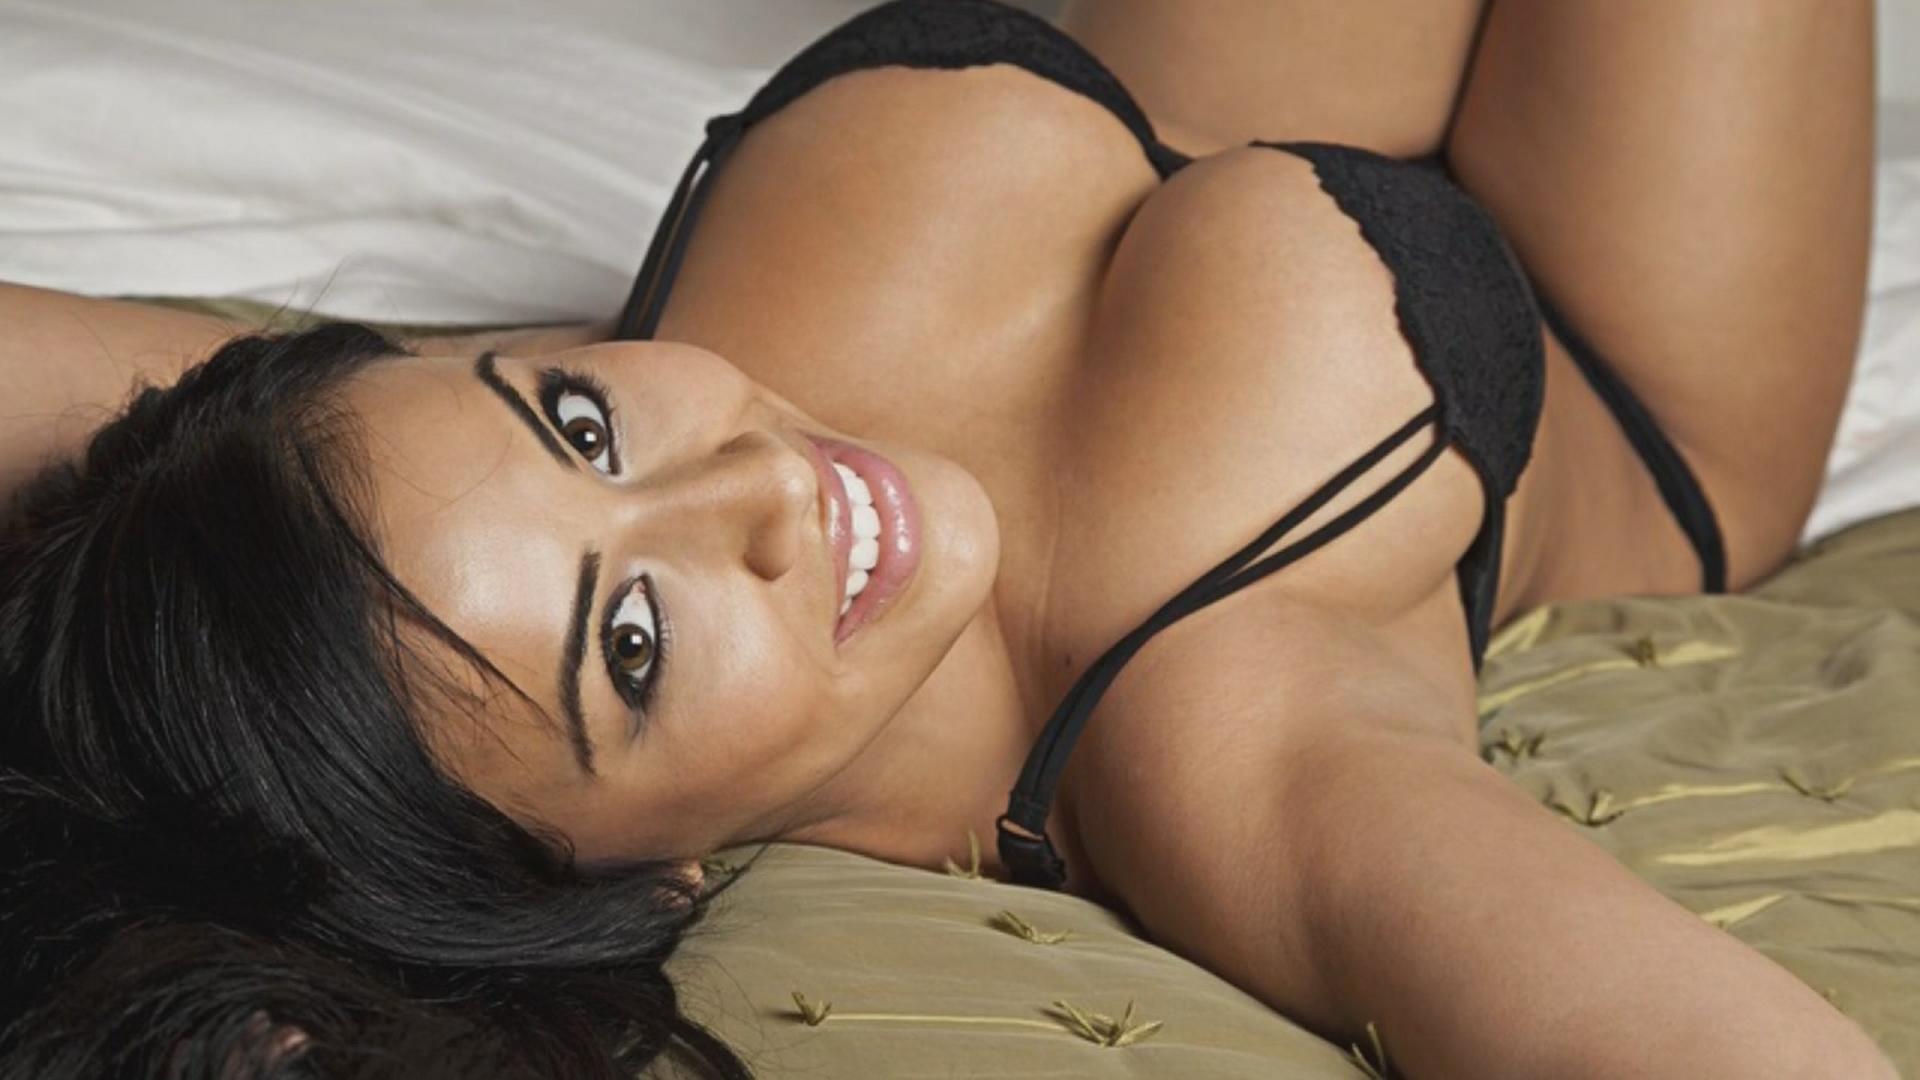 Топ 100 лучших порноактрисс, Все порно звёзды девушки 10 фотография